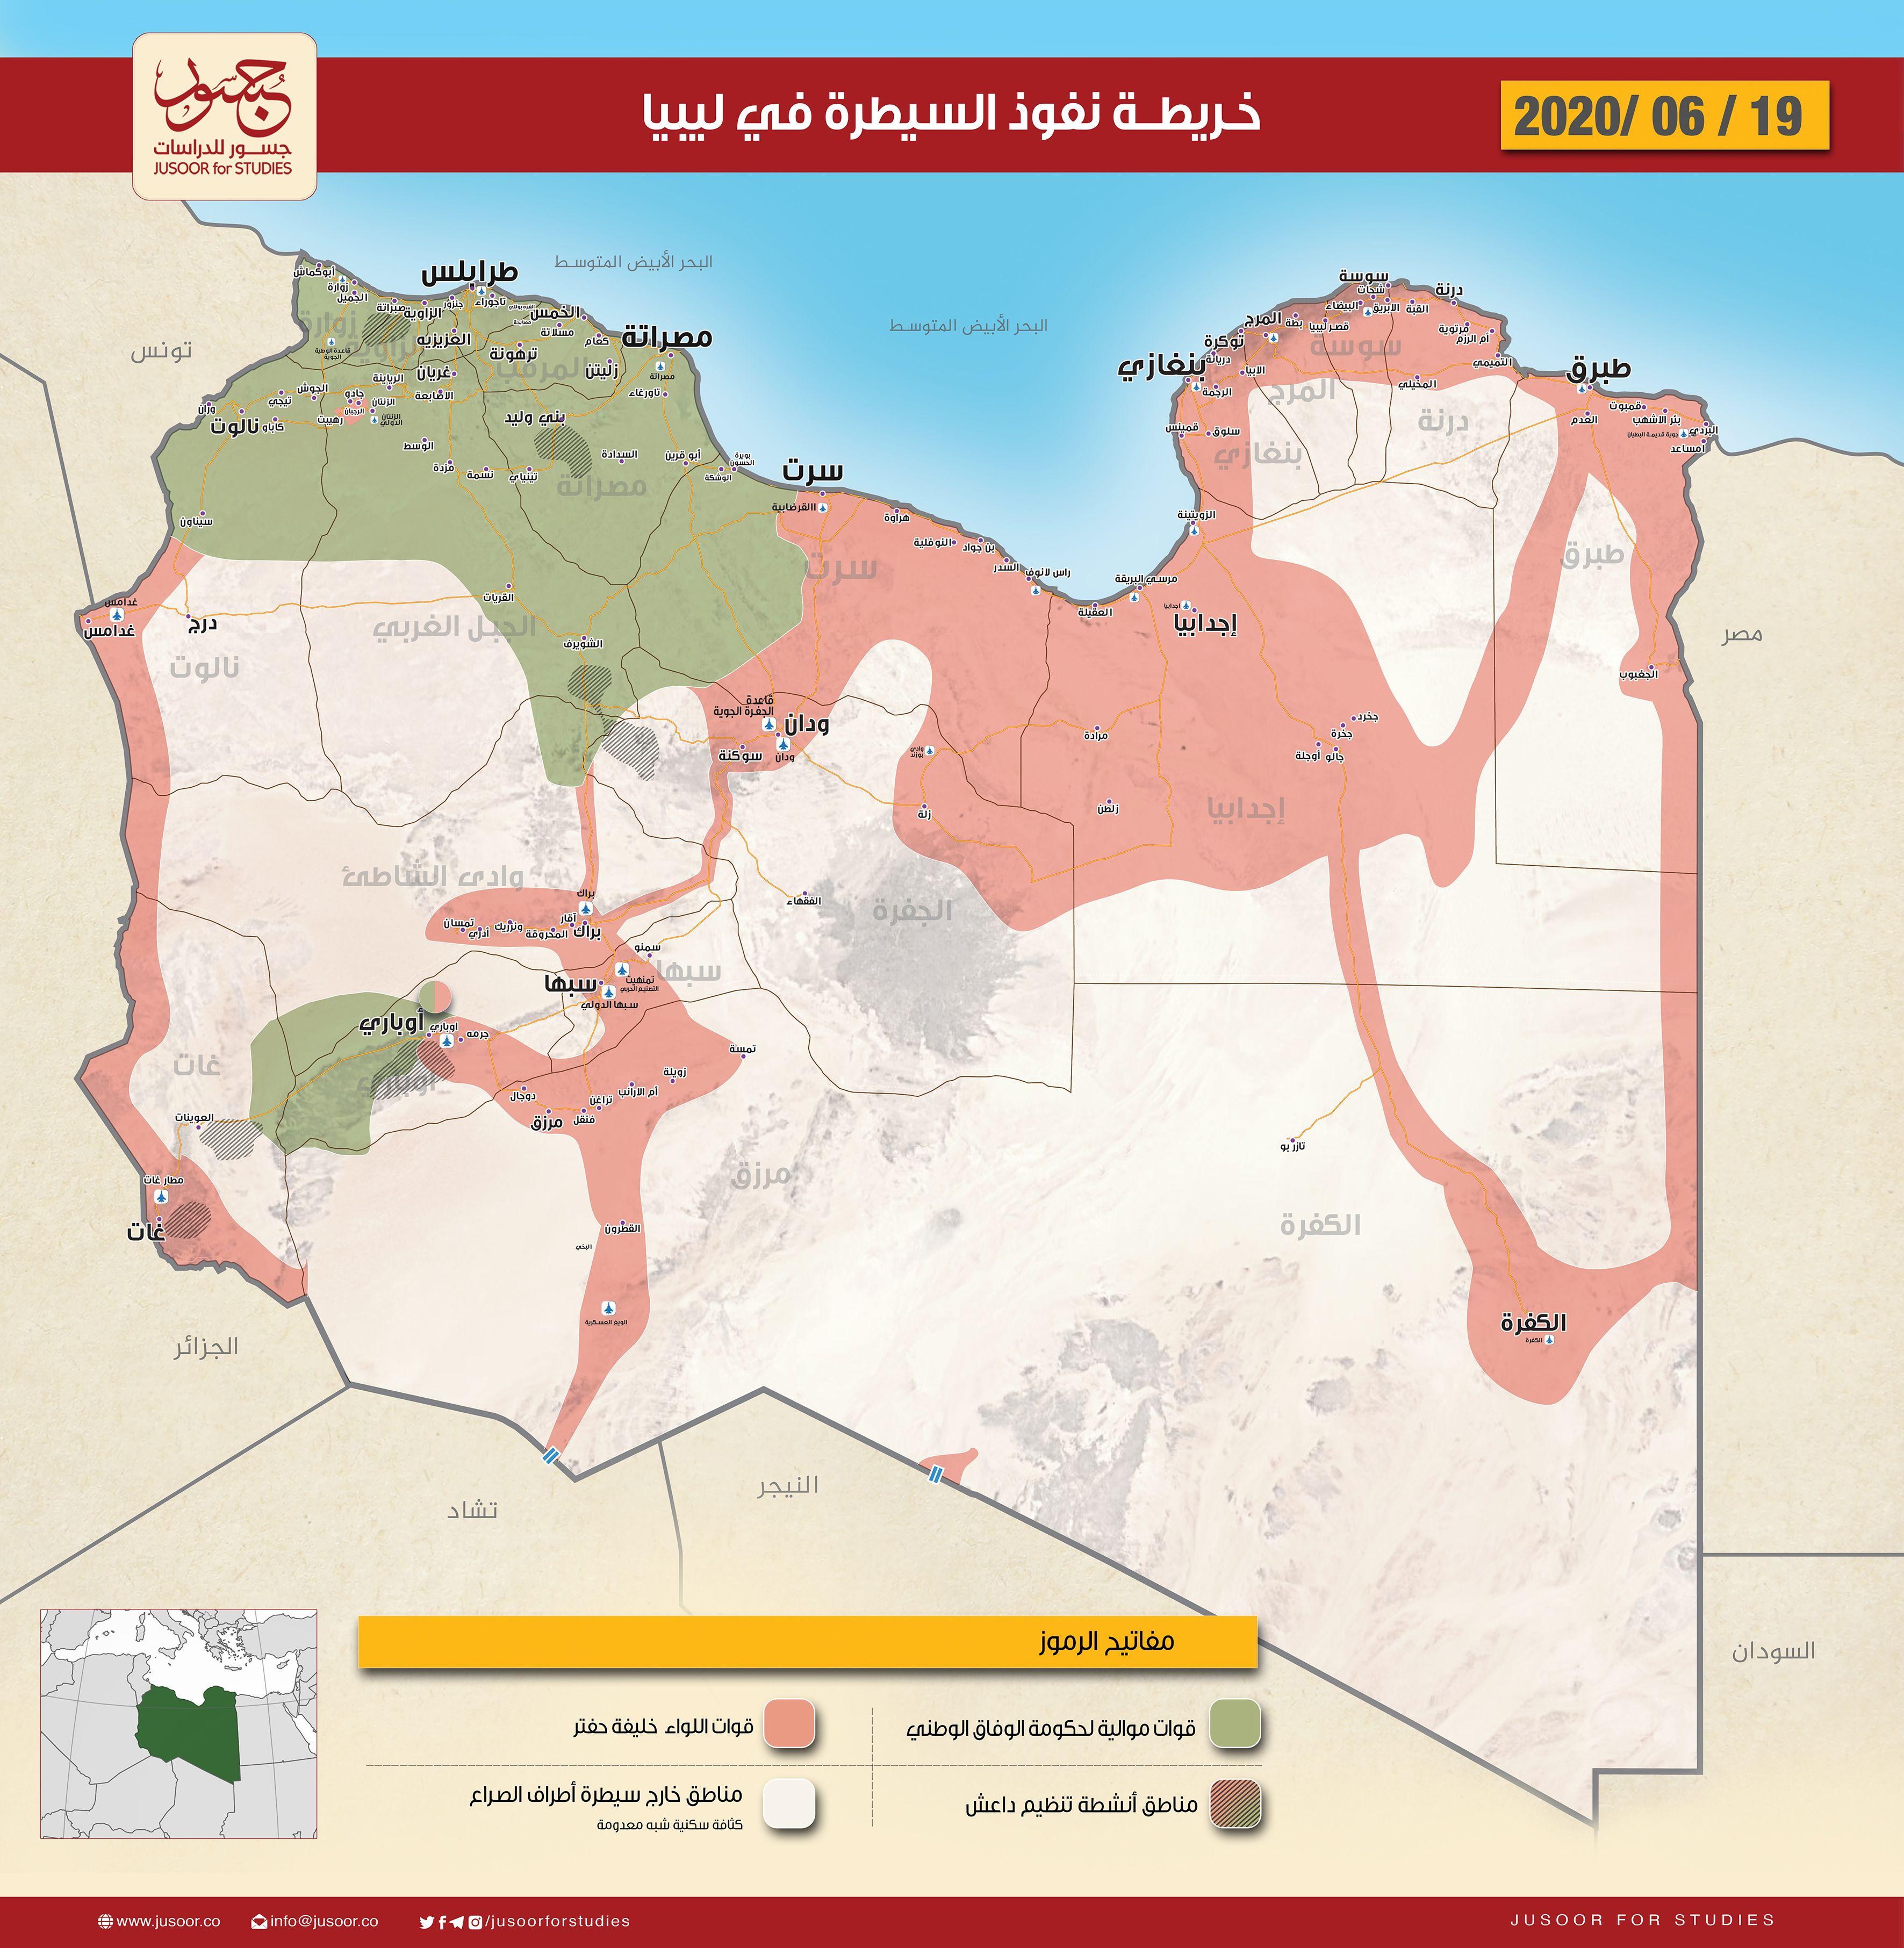 خريطة النفوذ والسيطرة في ليبيا 19 06 2020 Map Obu Map Screenshot